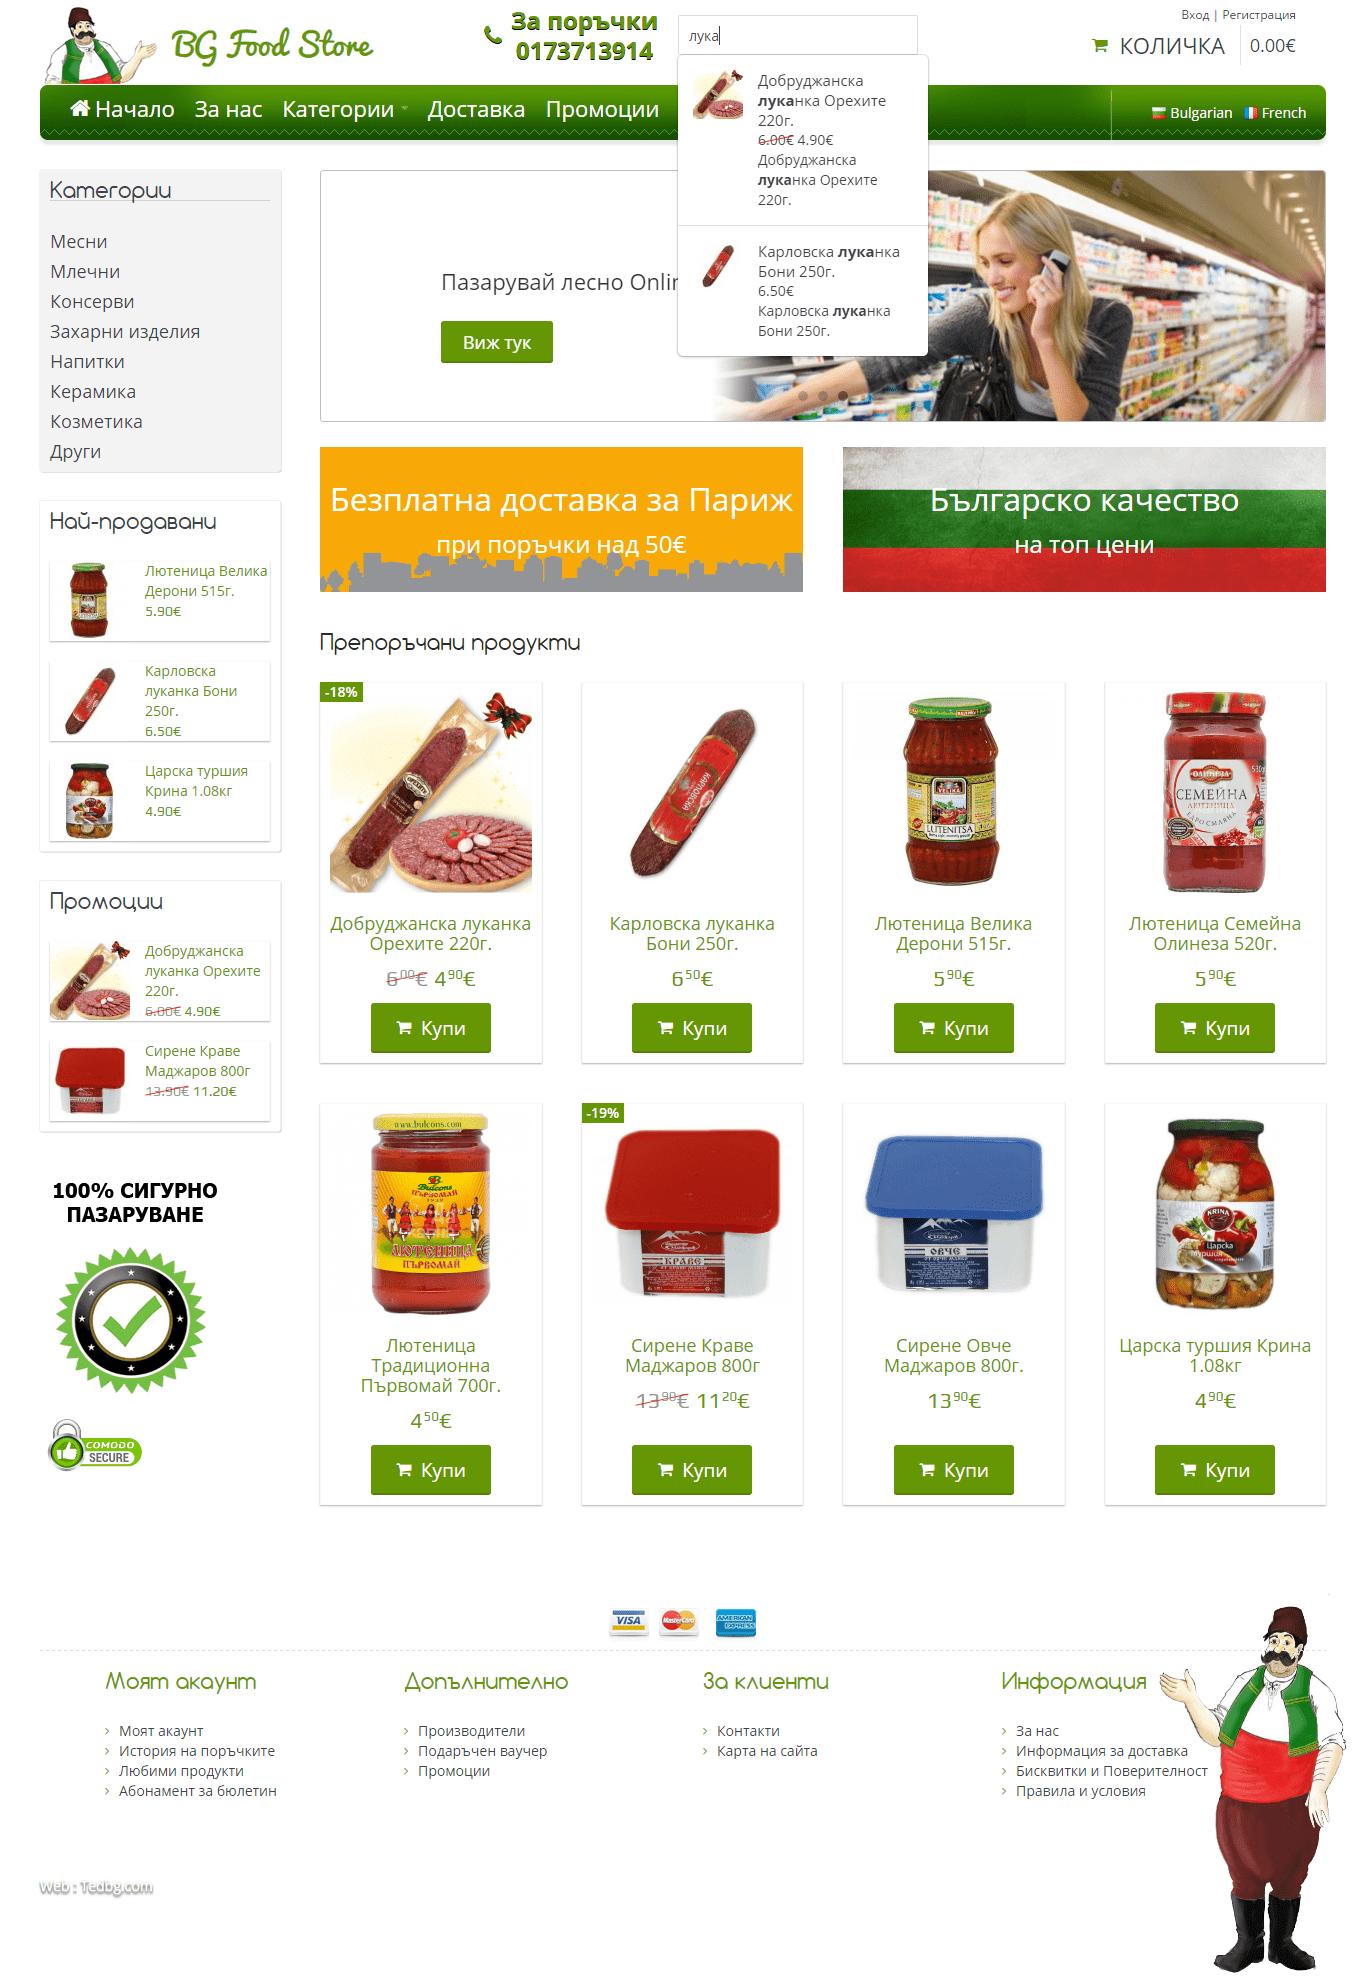 BGfoodStore.com - Е-магазин за Български храни